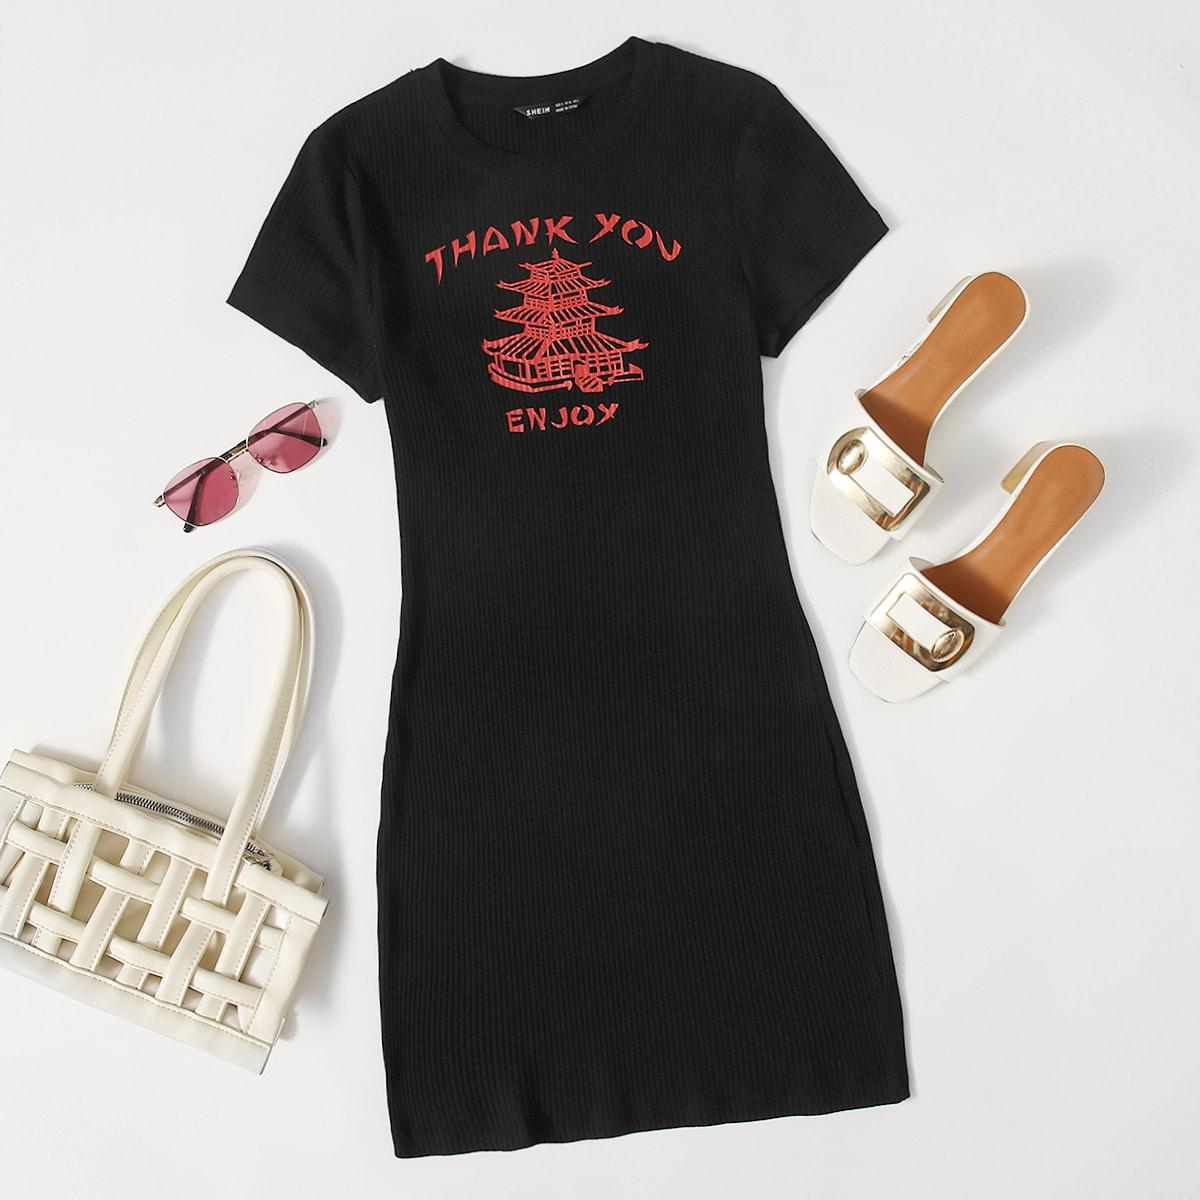 Облегающее трикотажное платье с оригинальным принтом